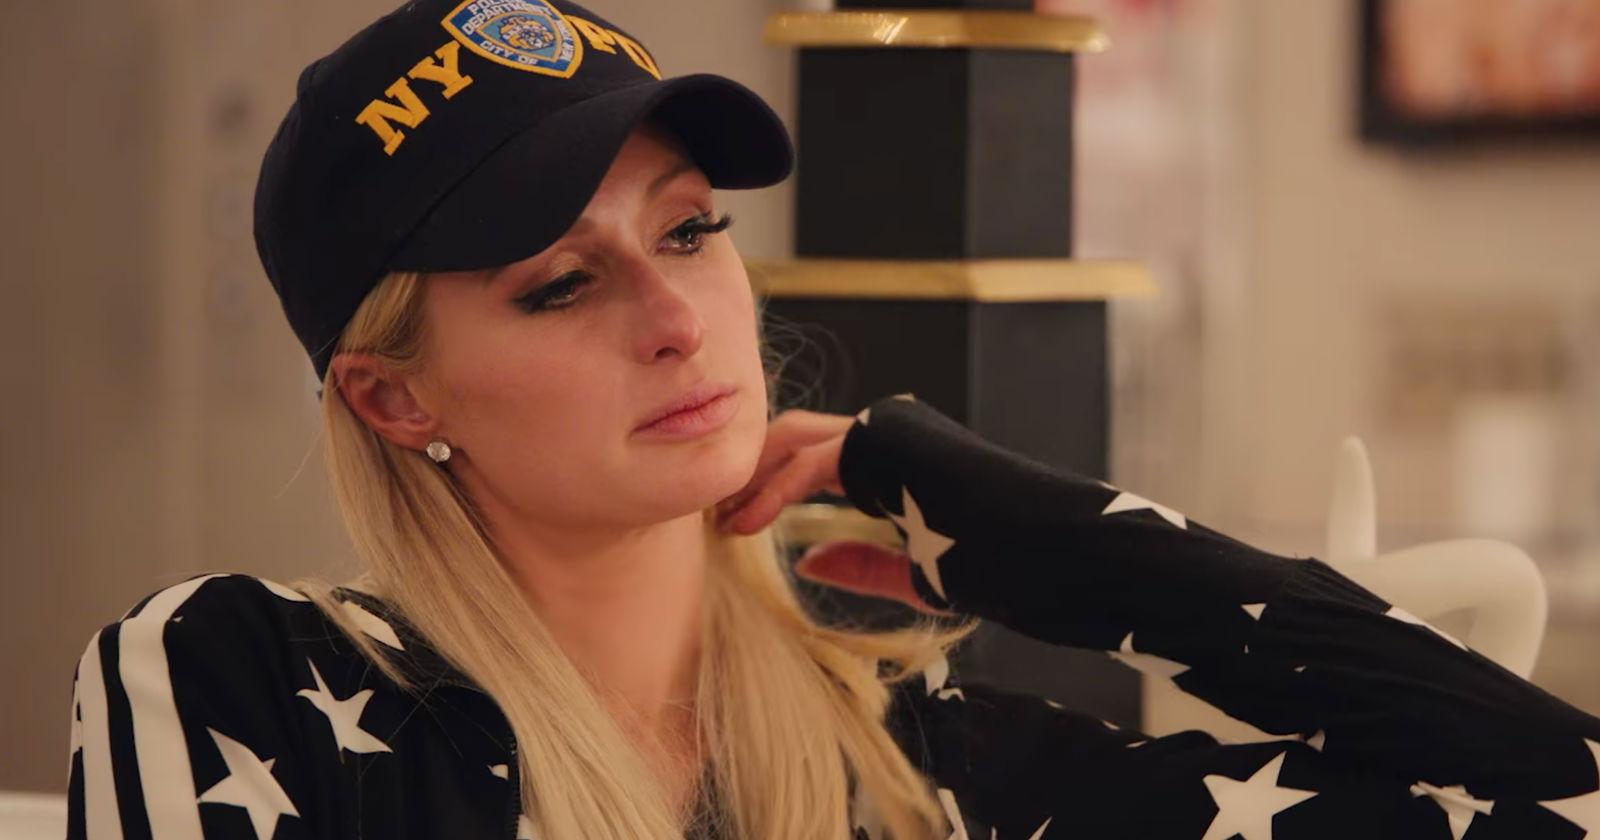 VIDEO – Paris Hilton relata los más oscuros episodios de su vida en nuevo documental